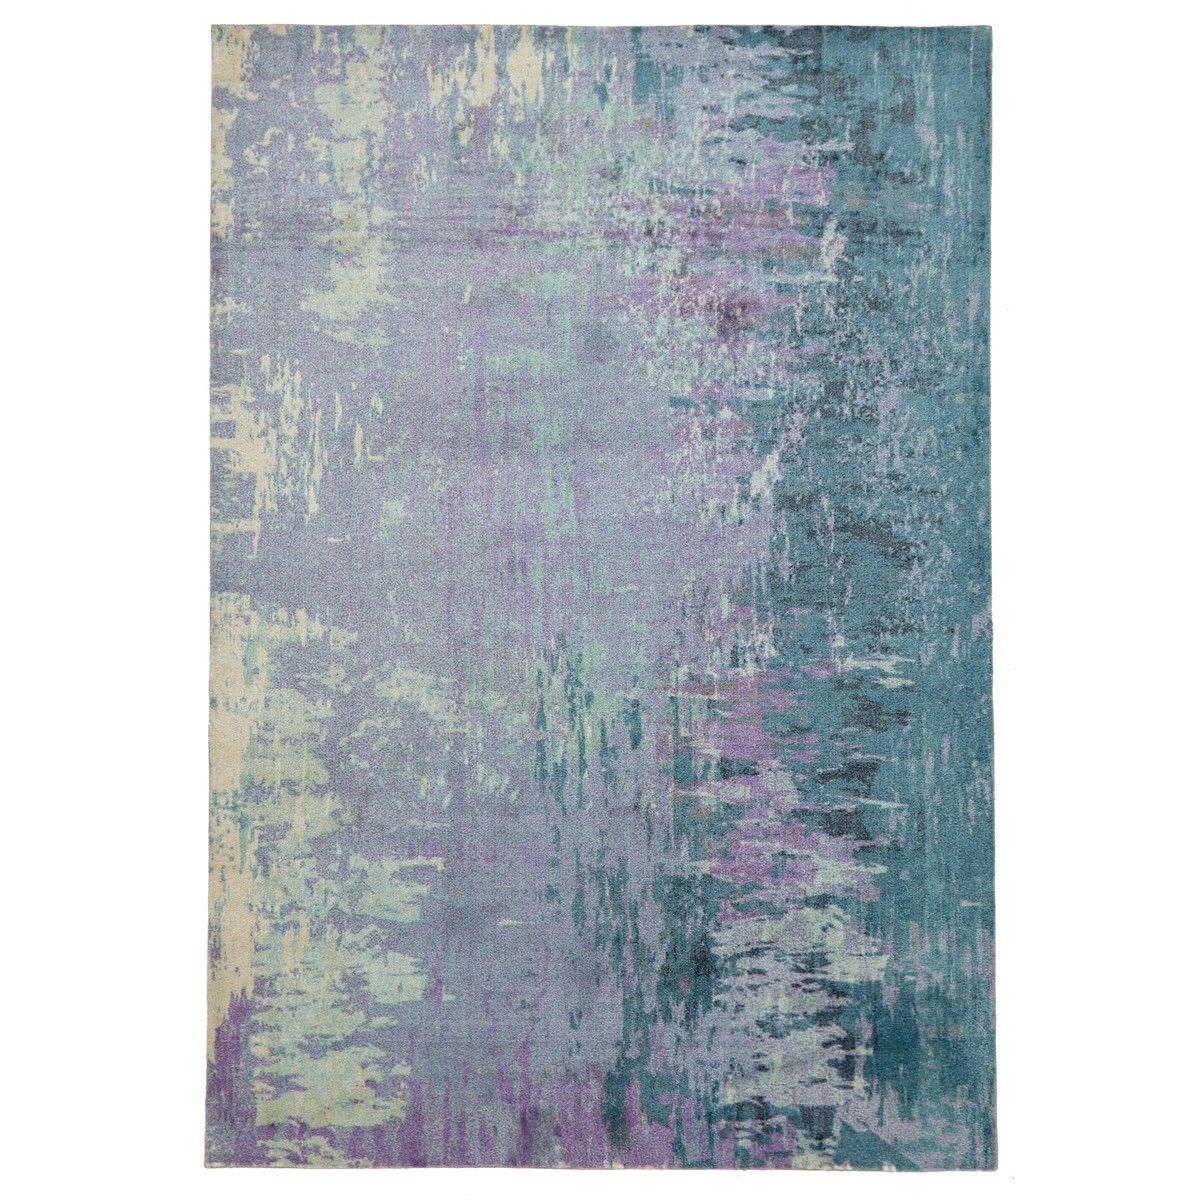 City Monet Modern Rug, 160x110cm, Violet / Teal